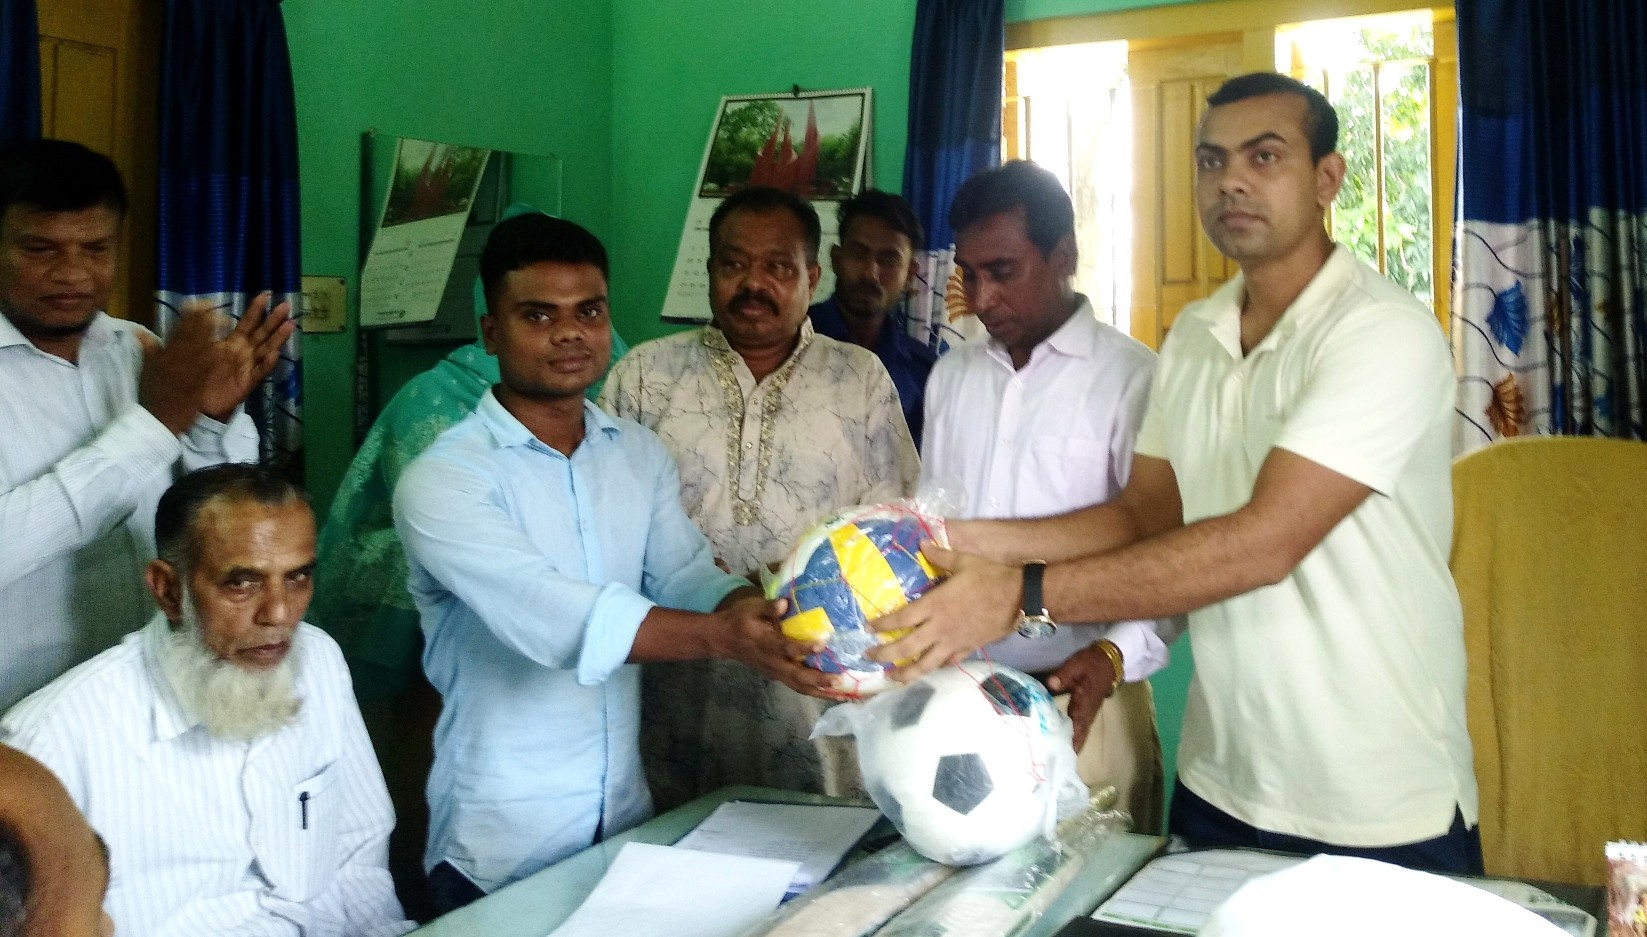 বাগেরহাটে ২৪টি শিক্ষা প্রতিষ্ঠানে ফুটবল বিতরণ